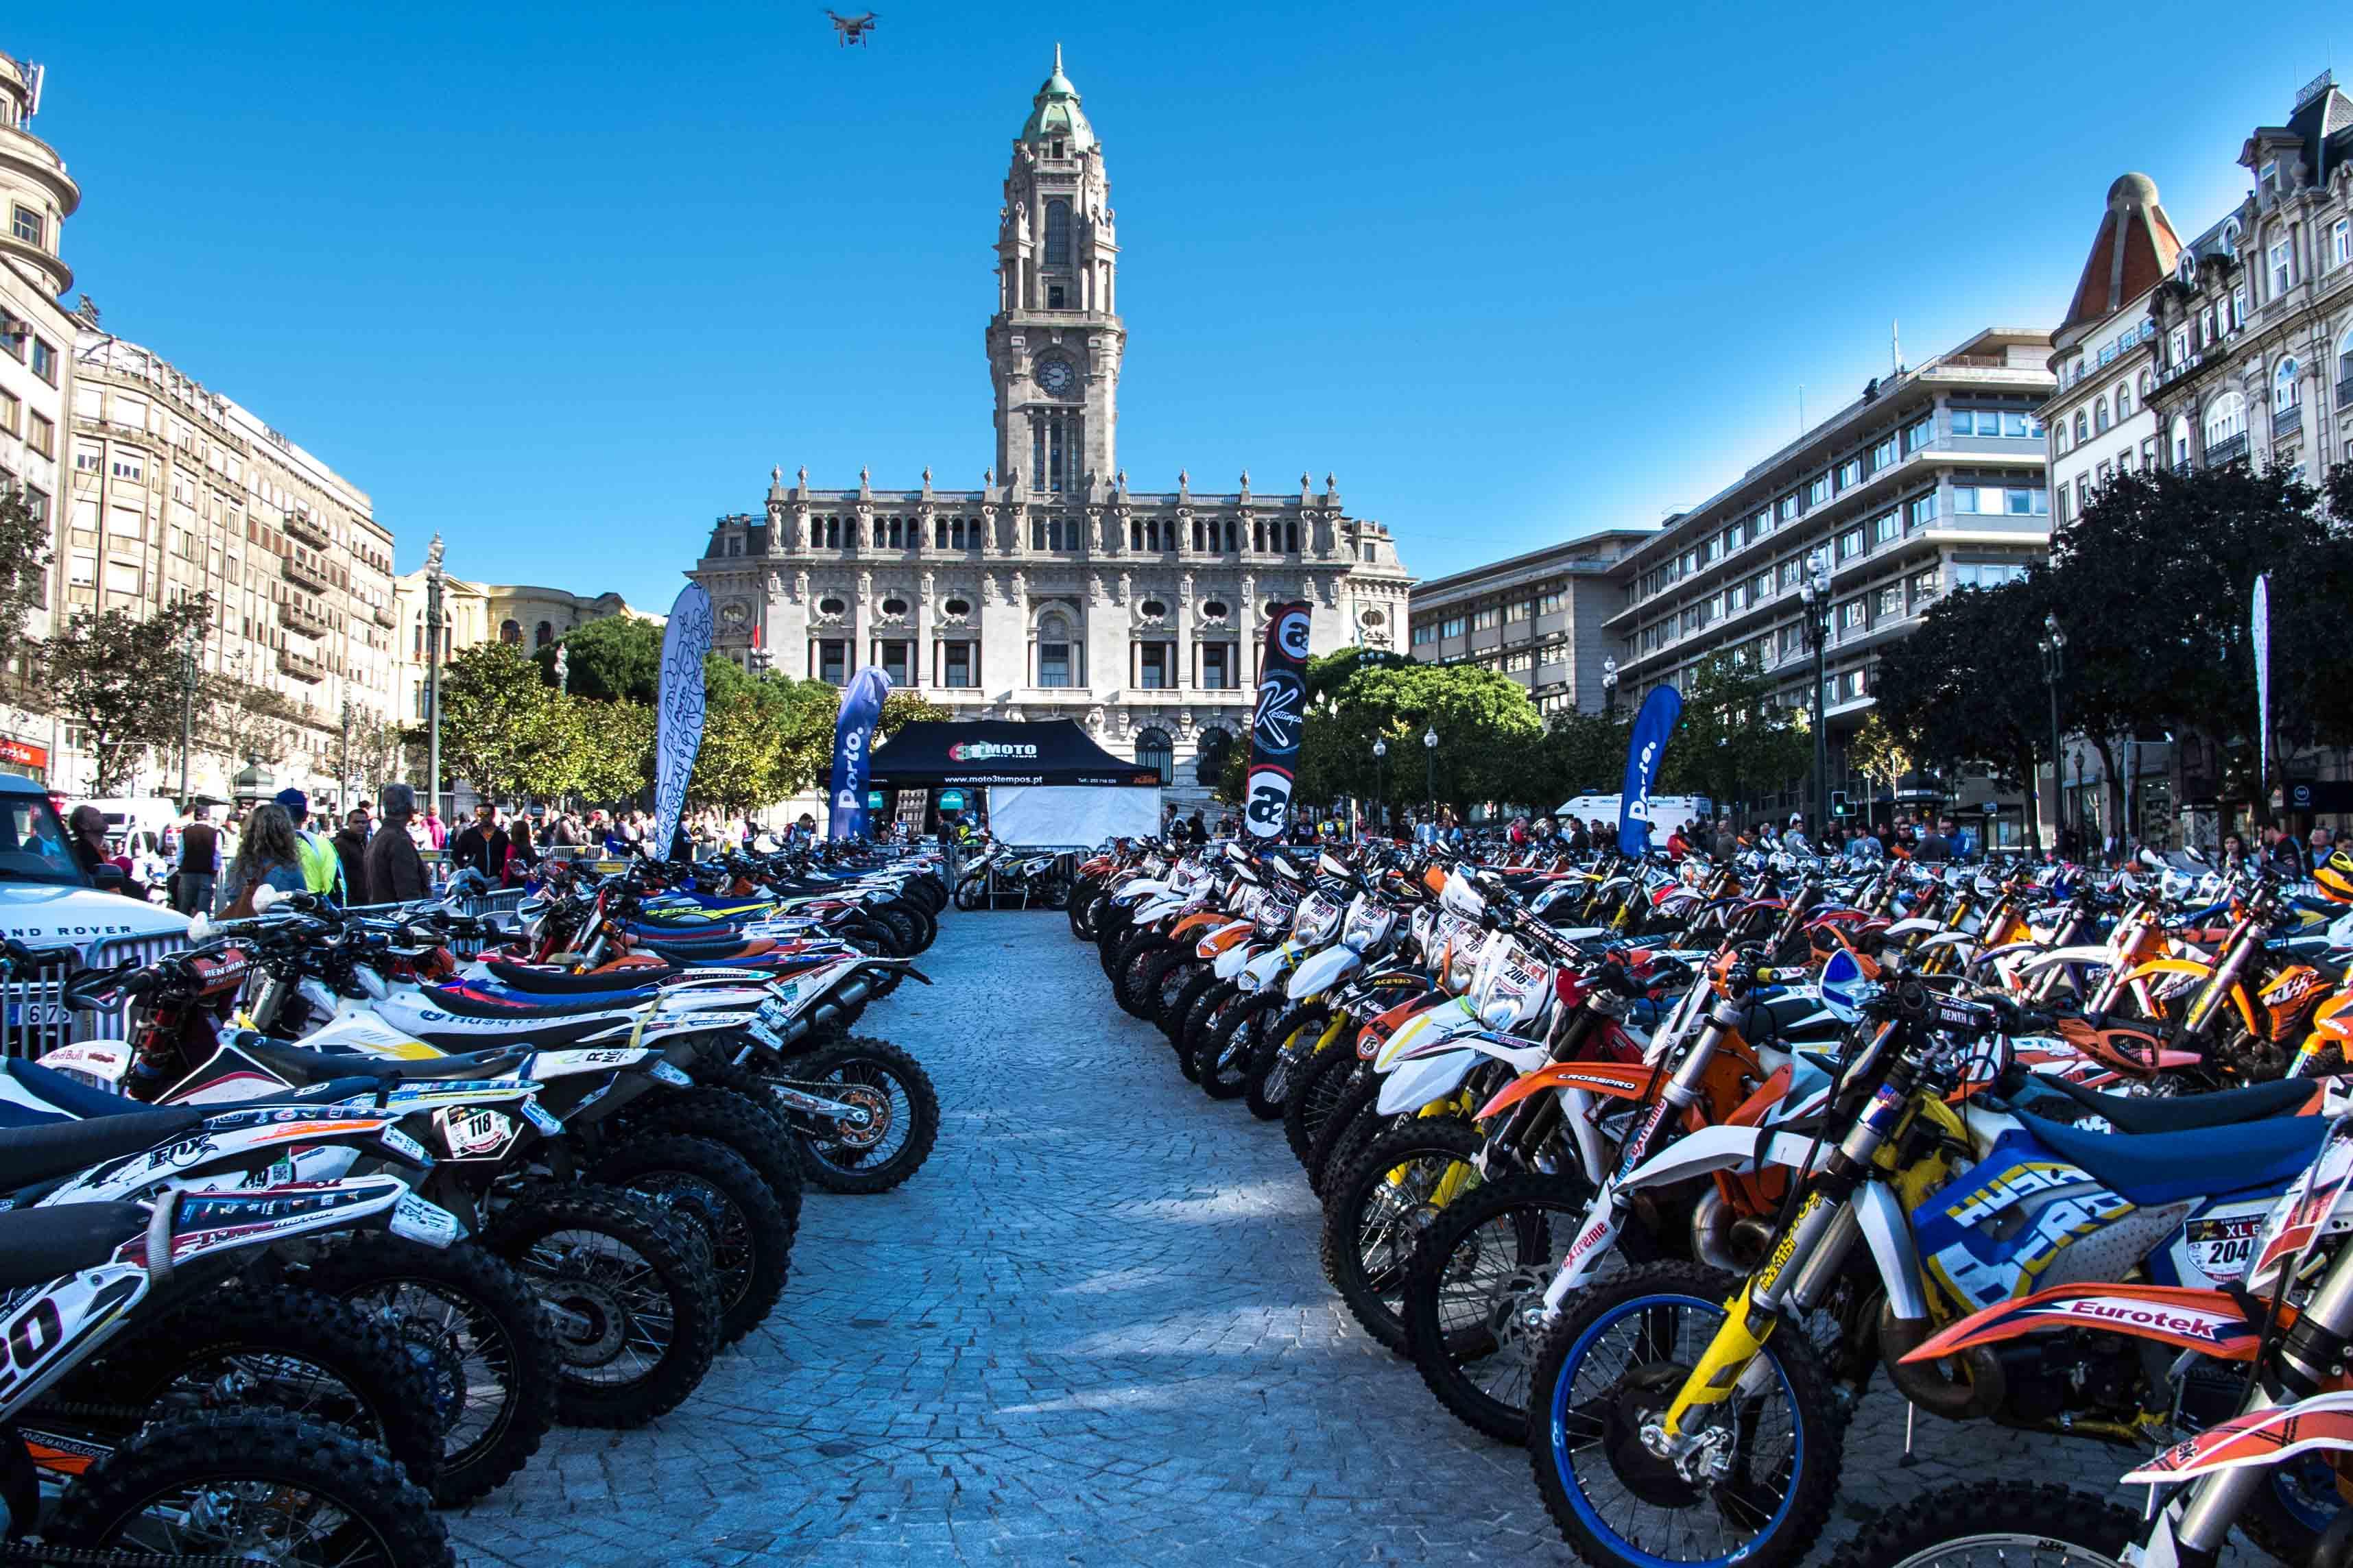 Motos Enduro en la Avenida dos Aliados de Oporto